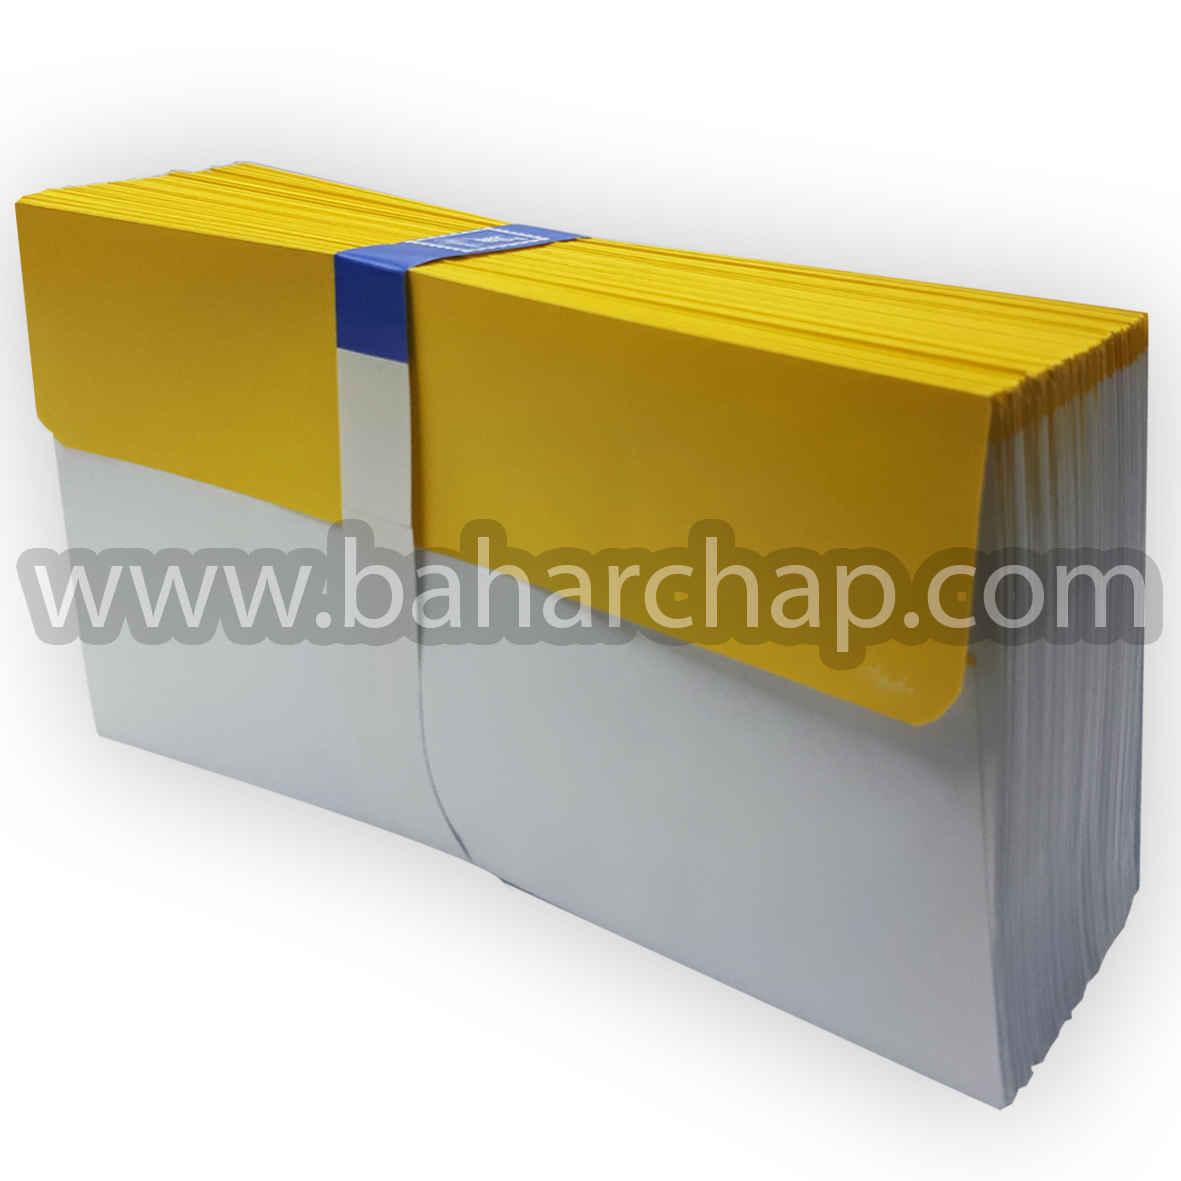 فروشگاه و خدمات اینترنتی بهارچاپ اصفهان-پاکت ملخی لب رنگ زرد-